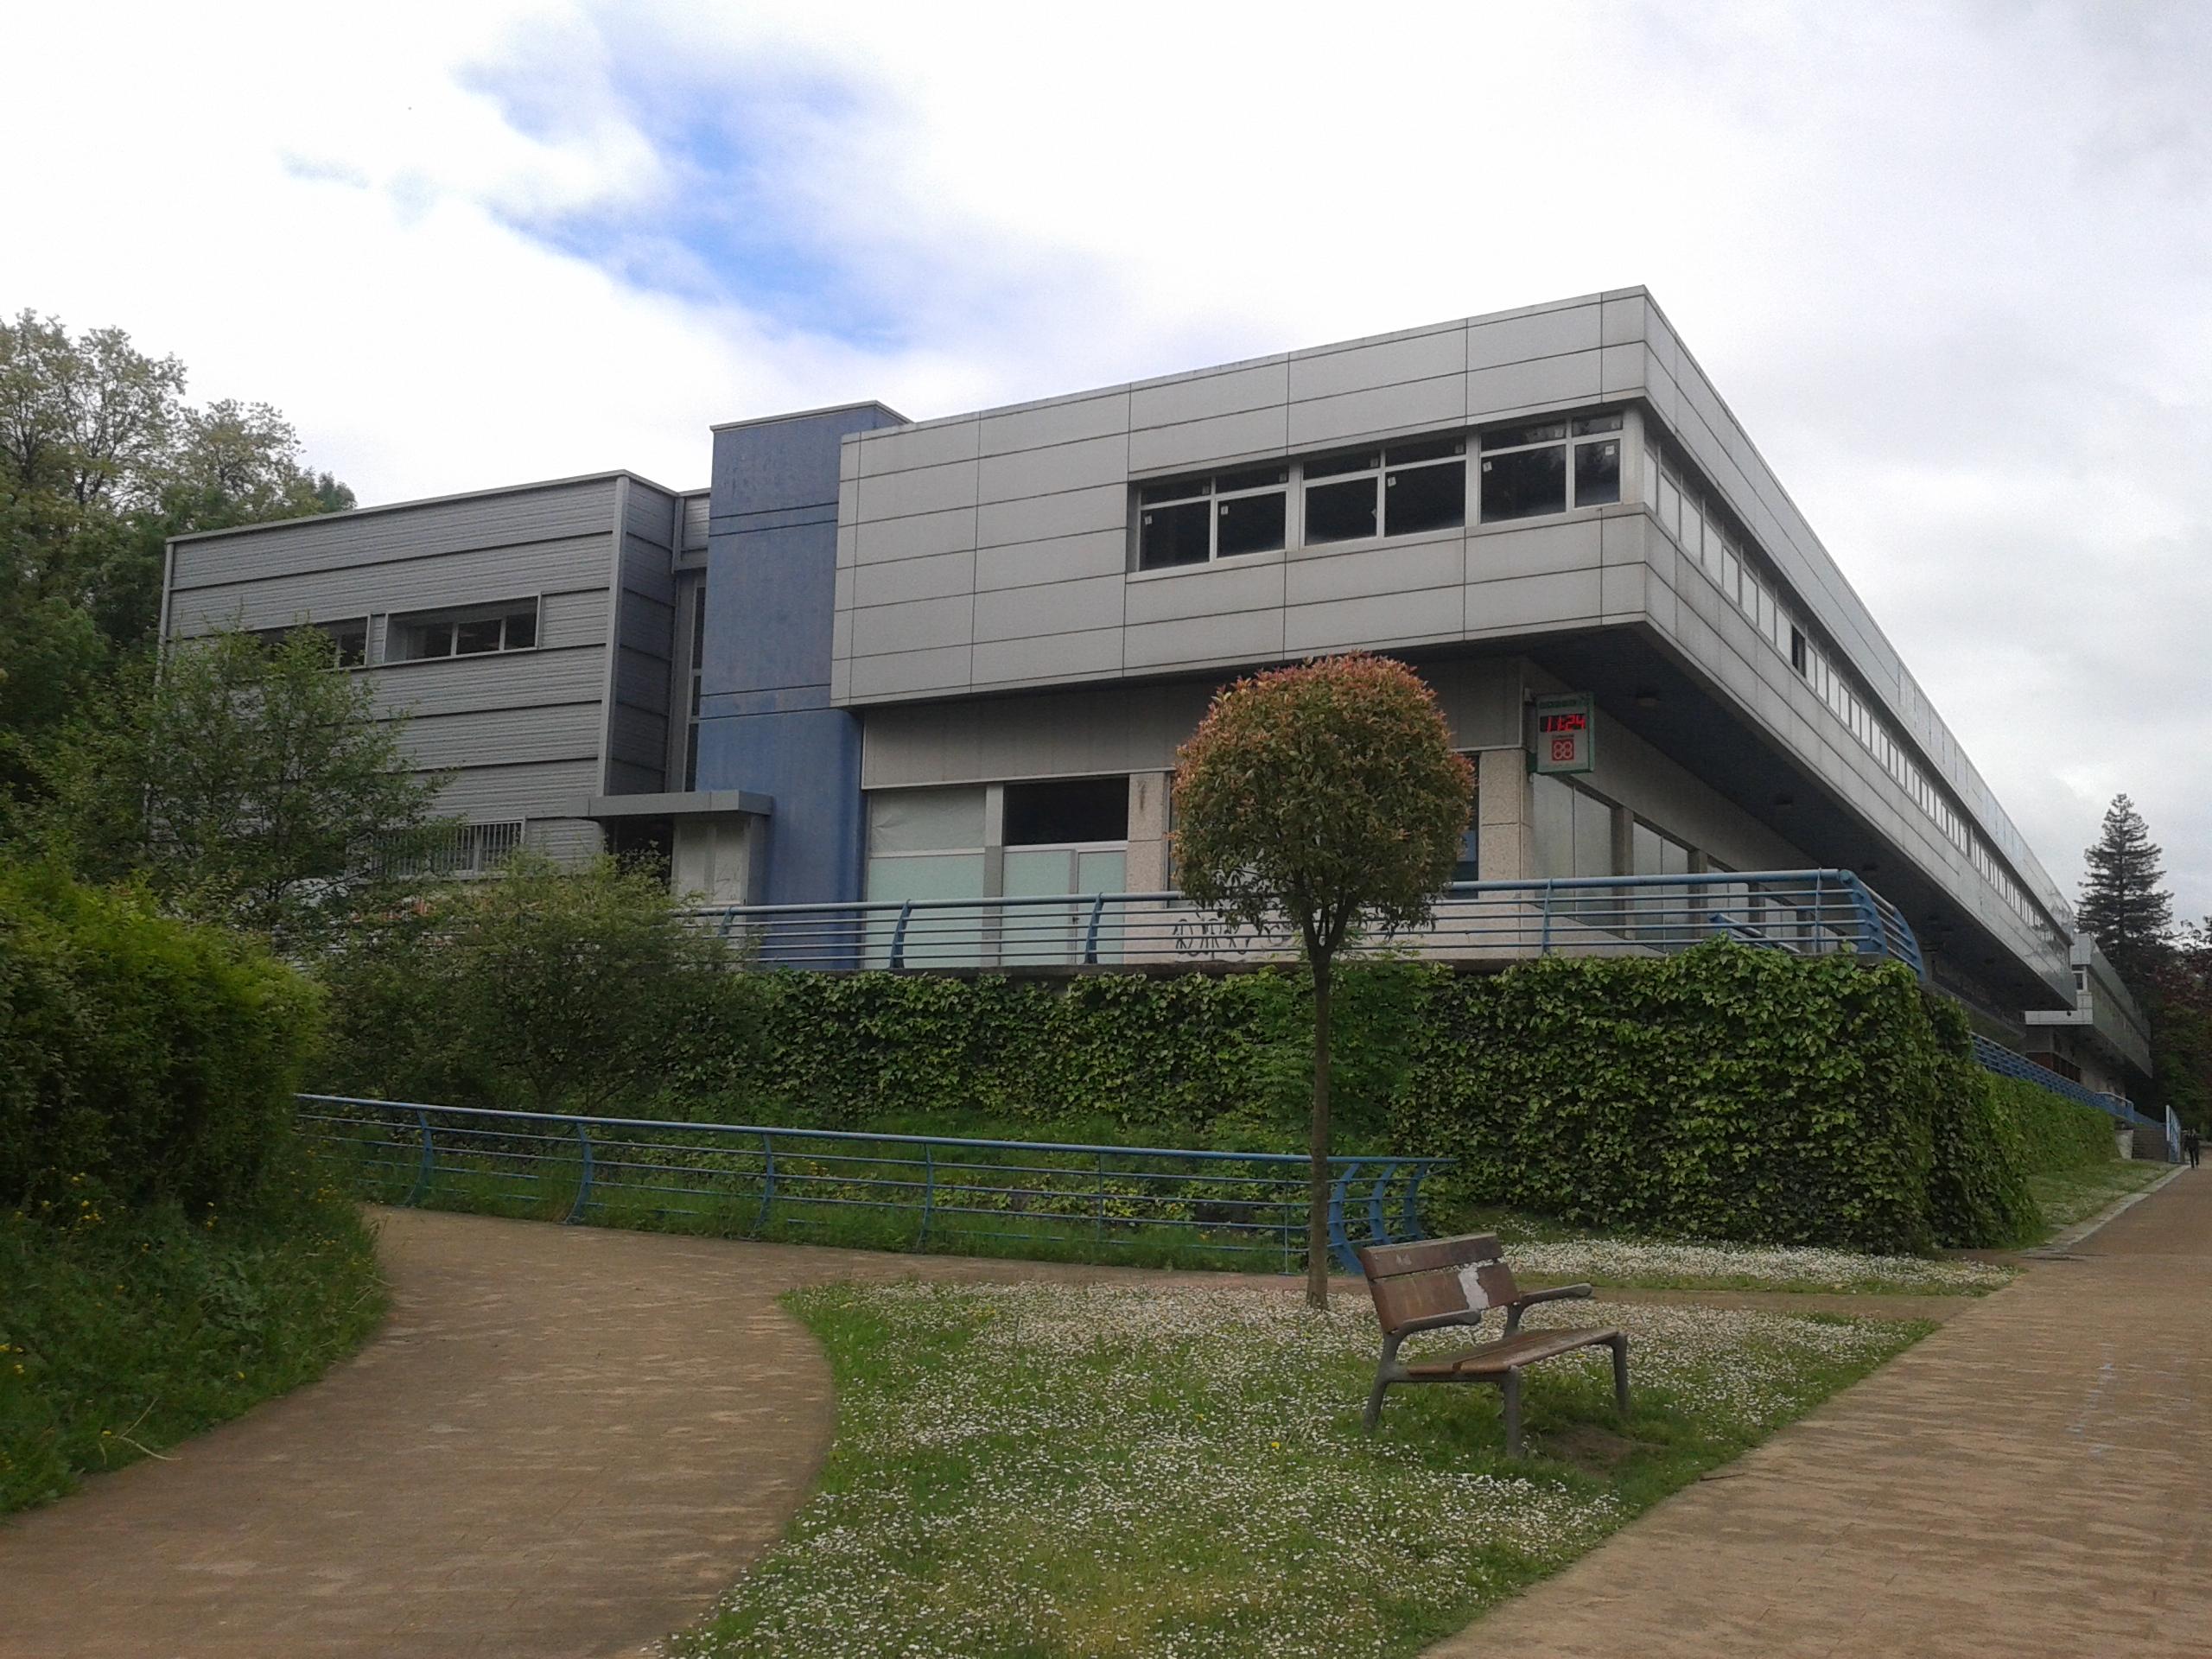 Imagen de Oficina en planta 1 nº 65, Polígono Industrial Torrebaso – Eskoriatza